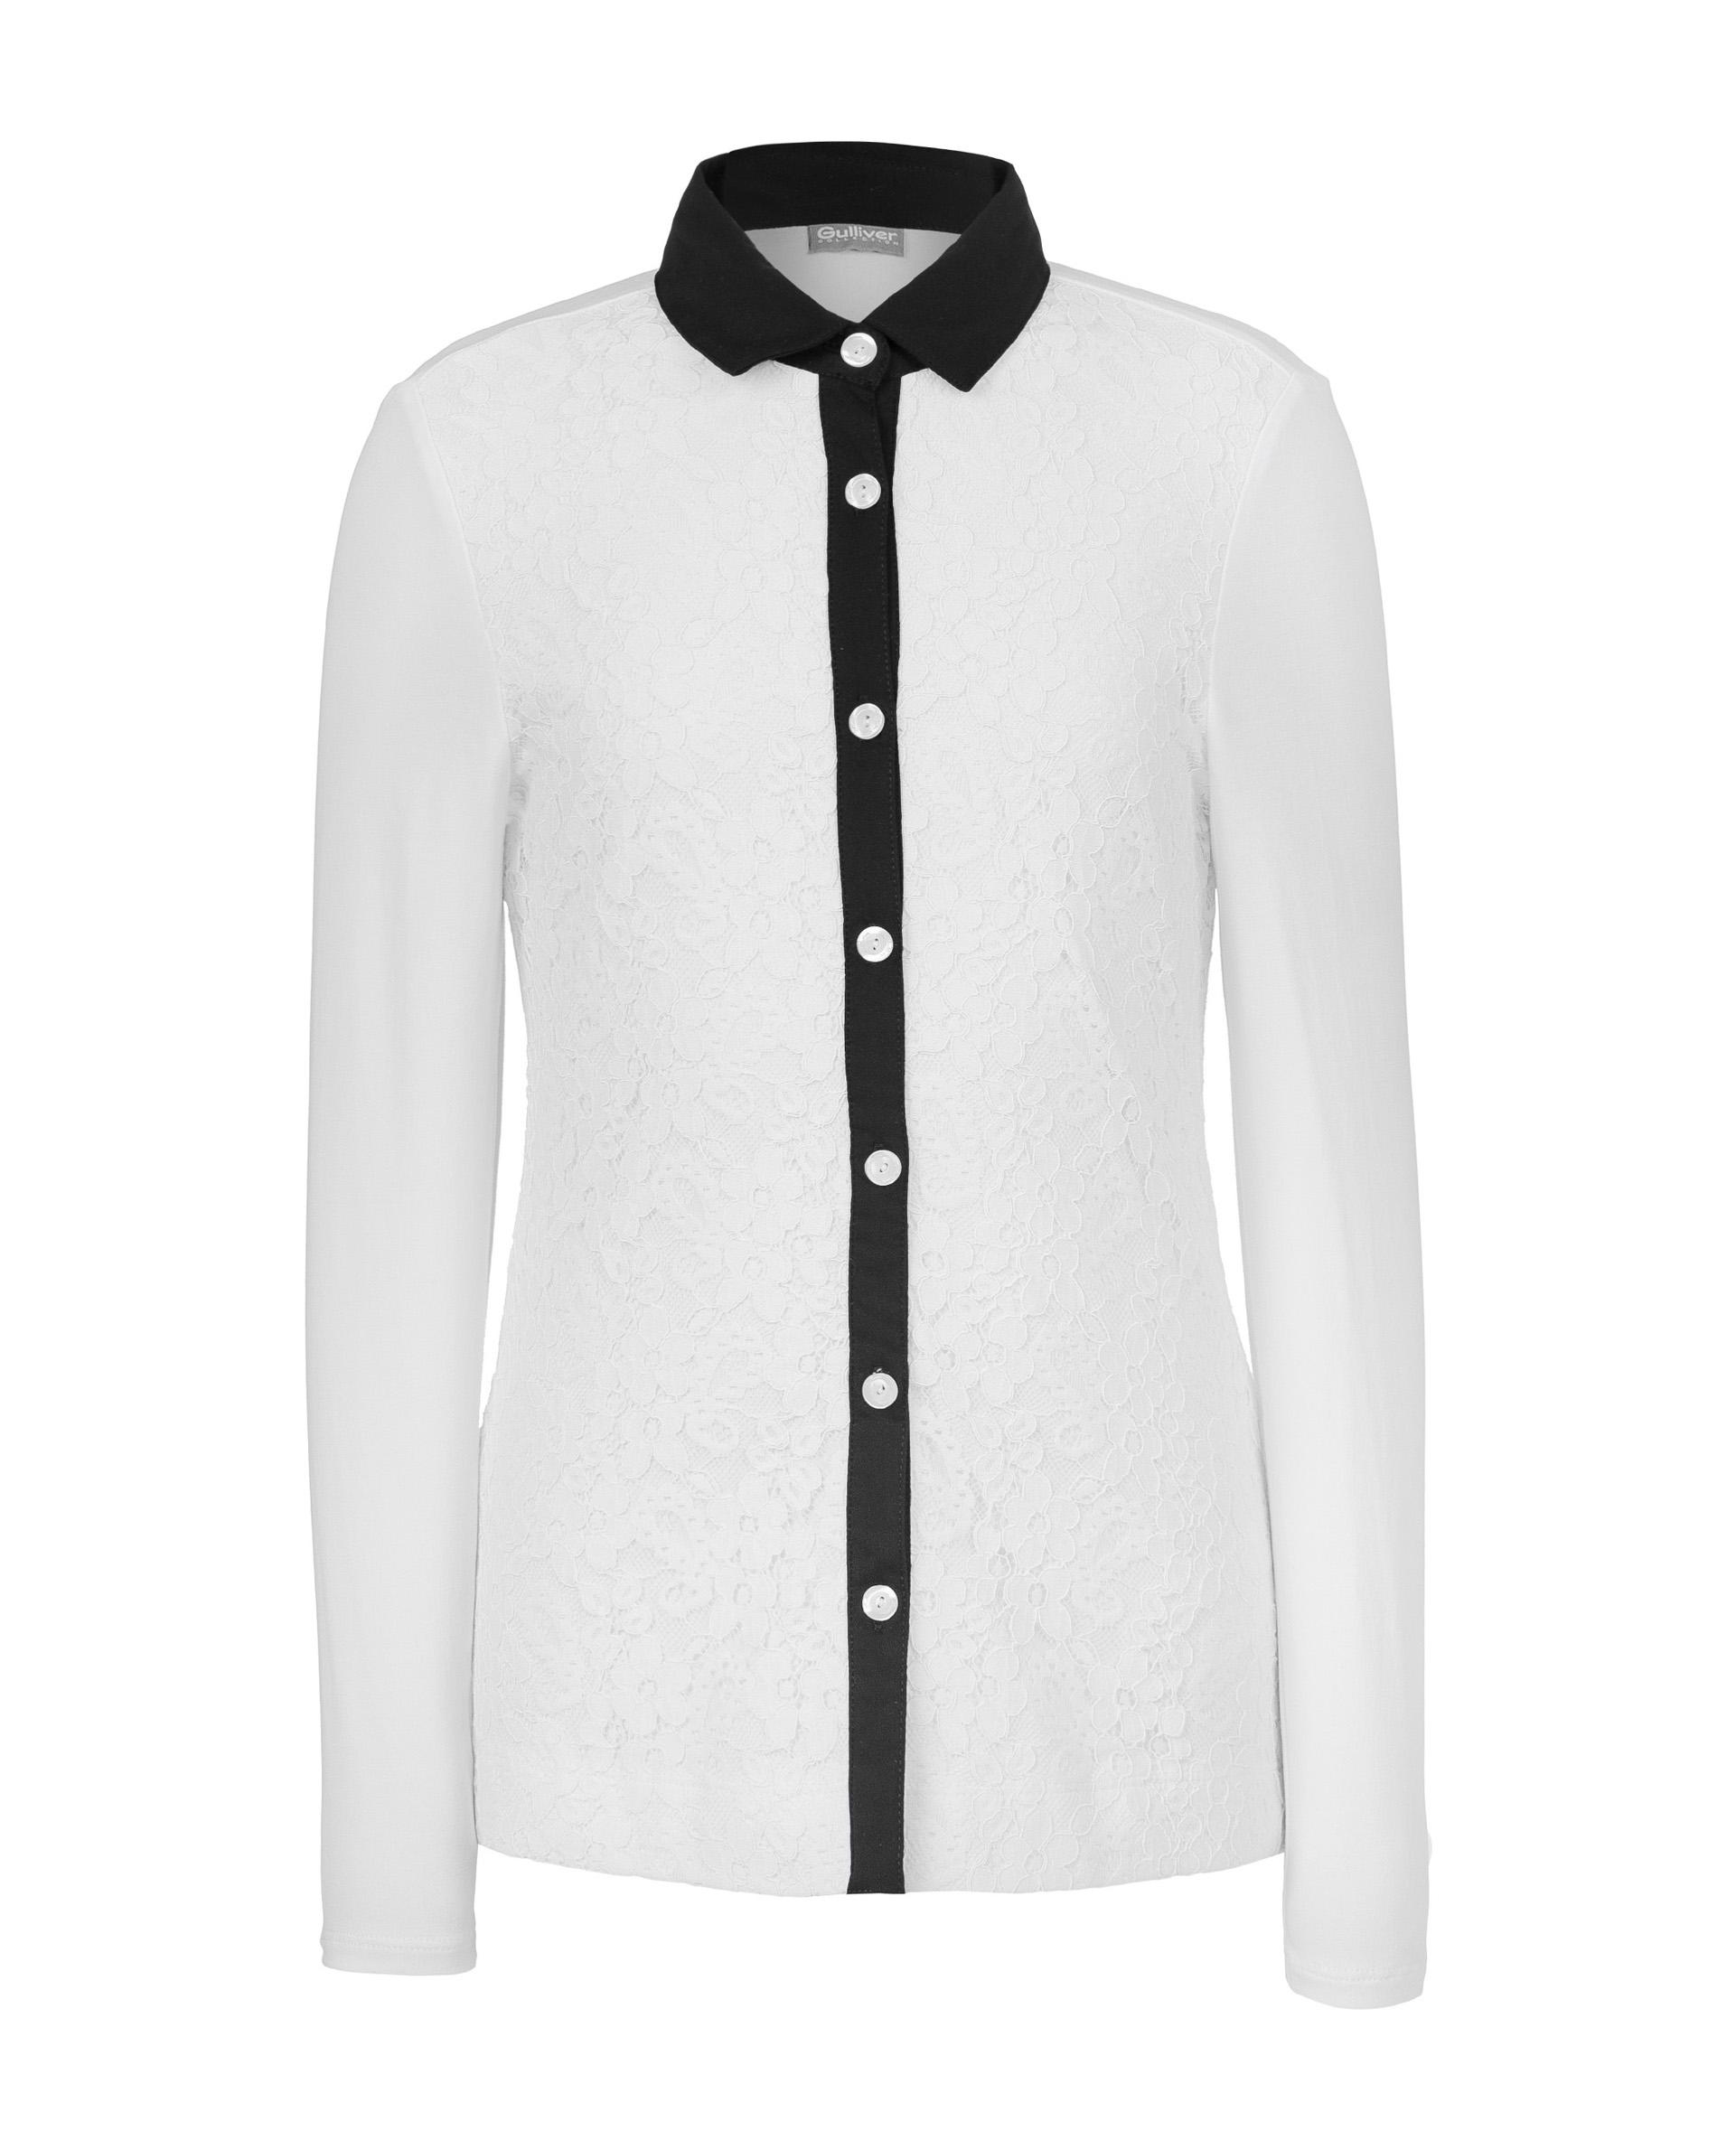 Рубашка для девочек Gulliver, цв. белый, р.128